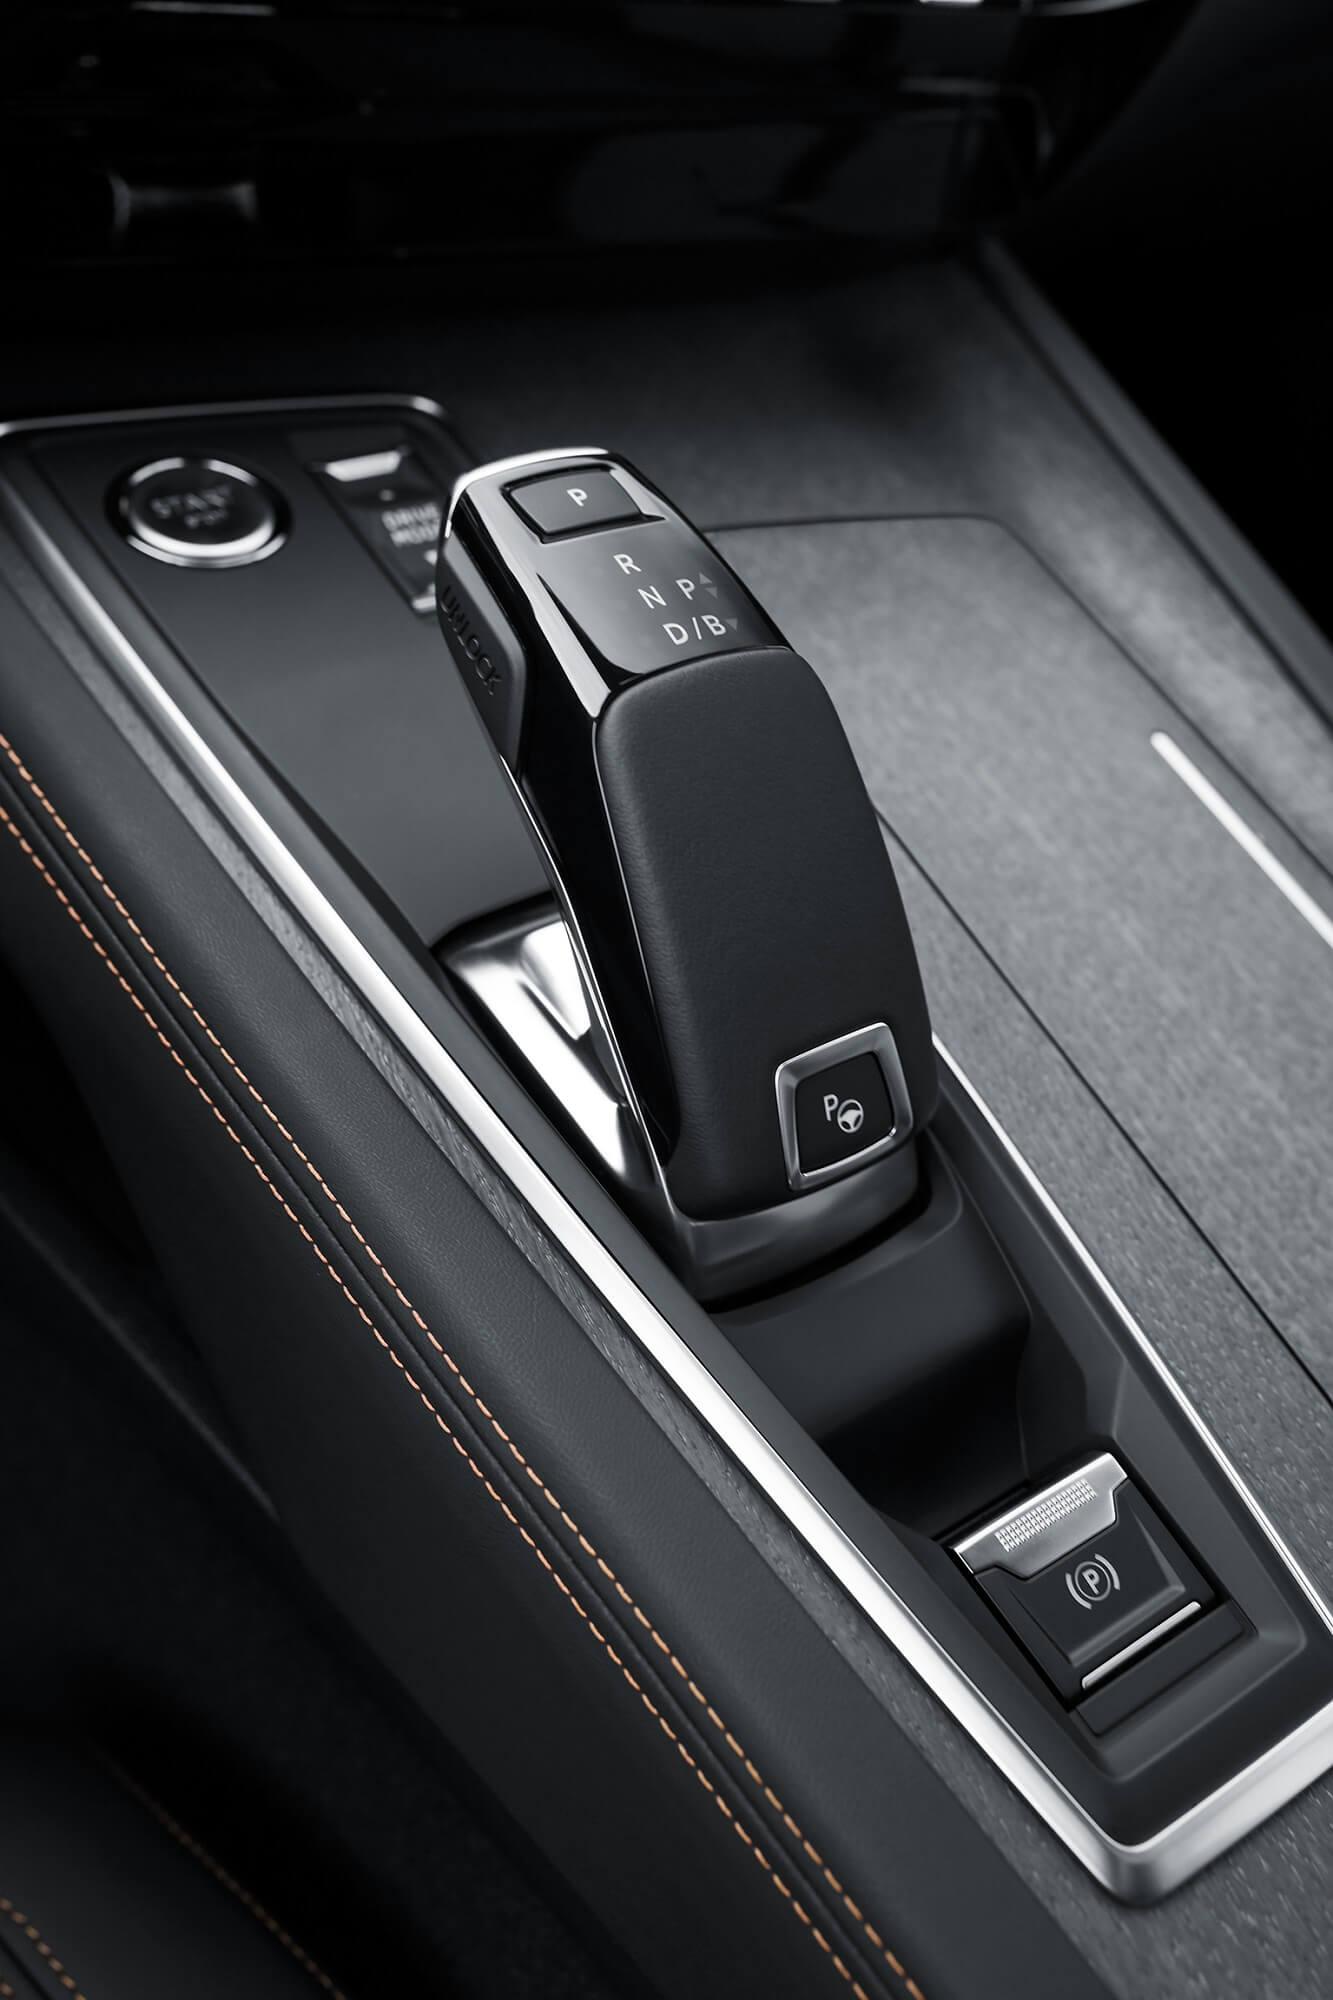 Transmissão Peugeot 508 hibrido plug-in